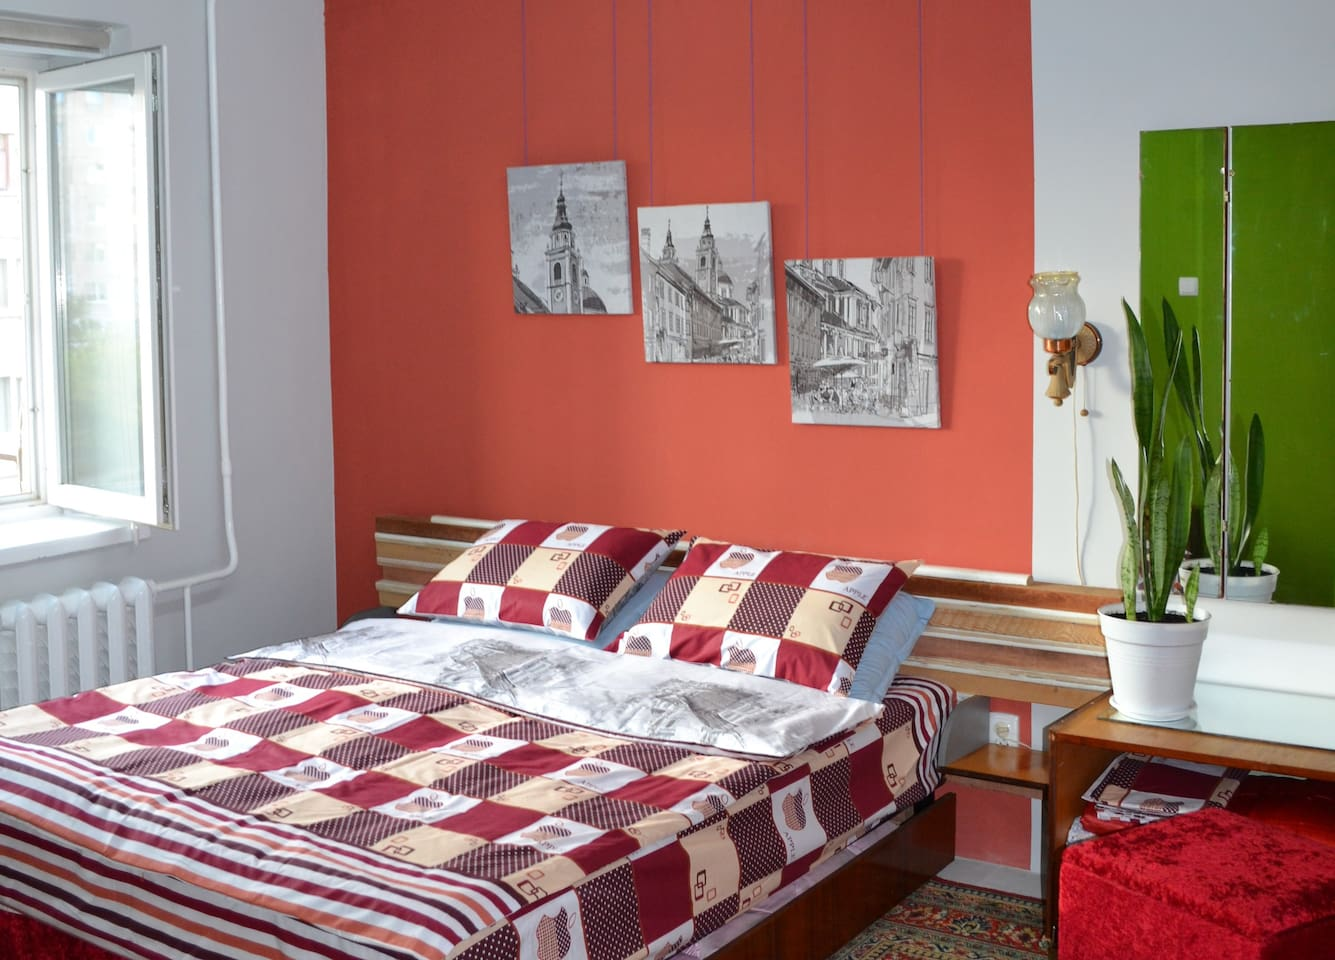 Спальная зона со спаренной двуспальной кроватью. Собственный дизайн. Приятных снов. )